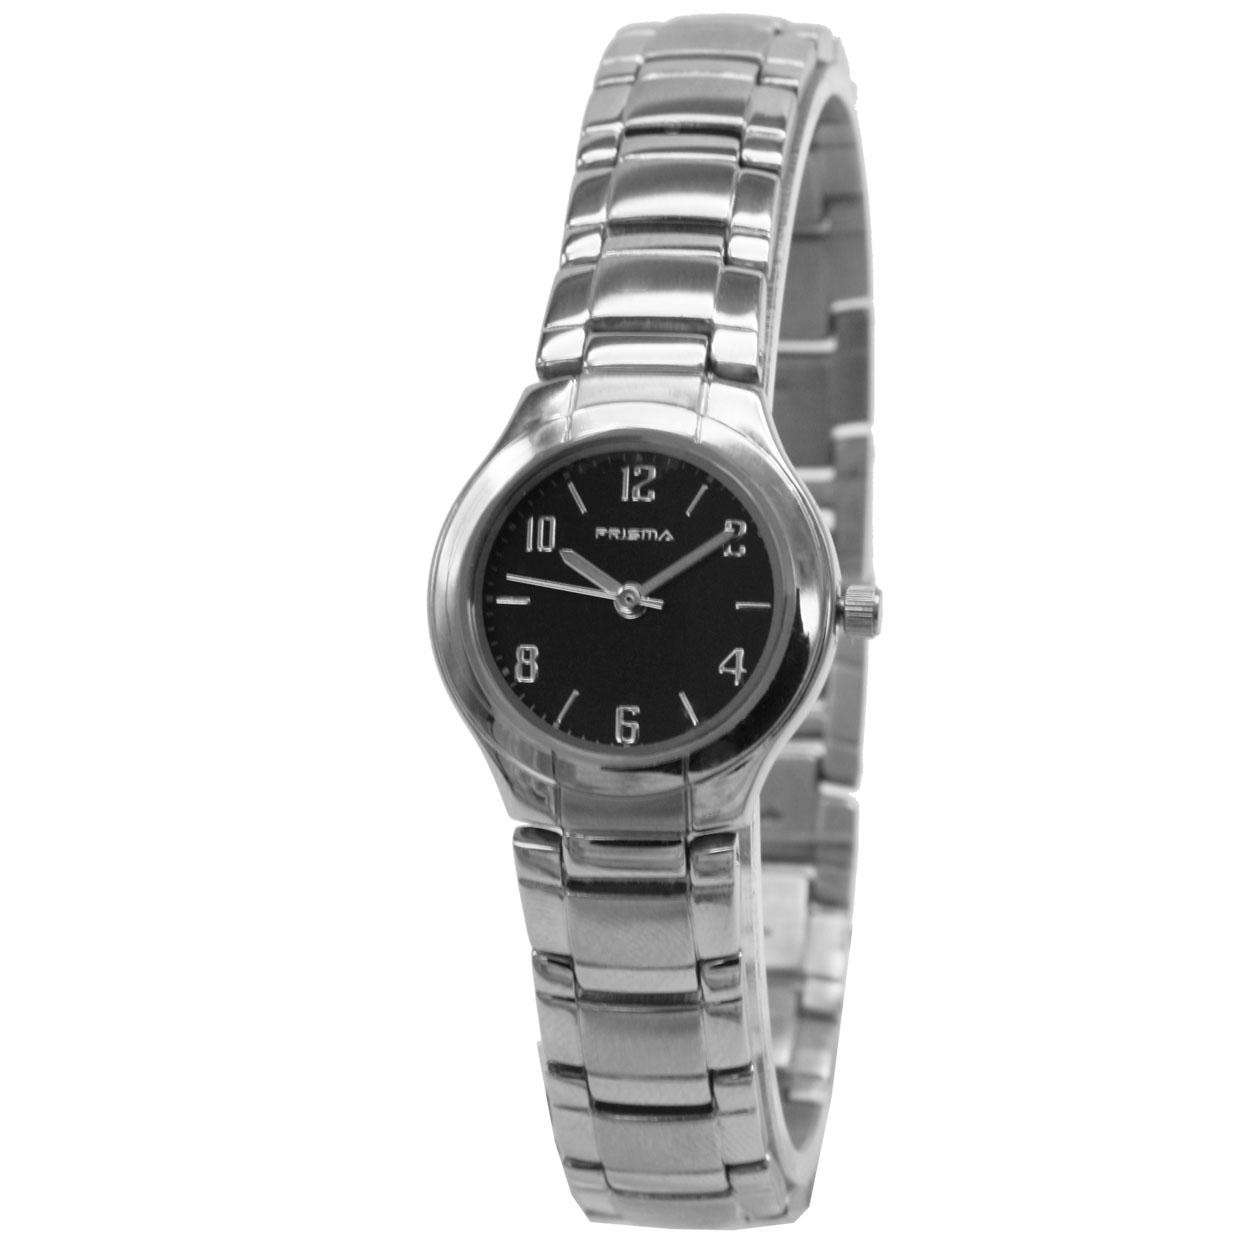 Prisma P.1068 Horloge Classic staal zilverkleurig-zwart 32 mm